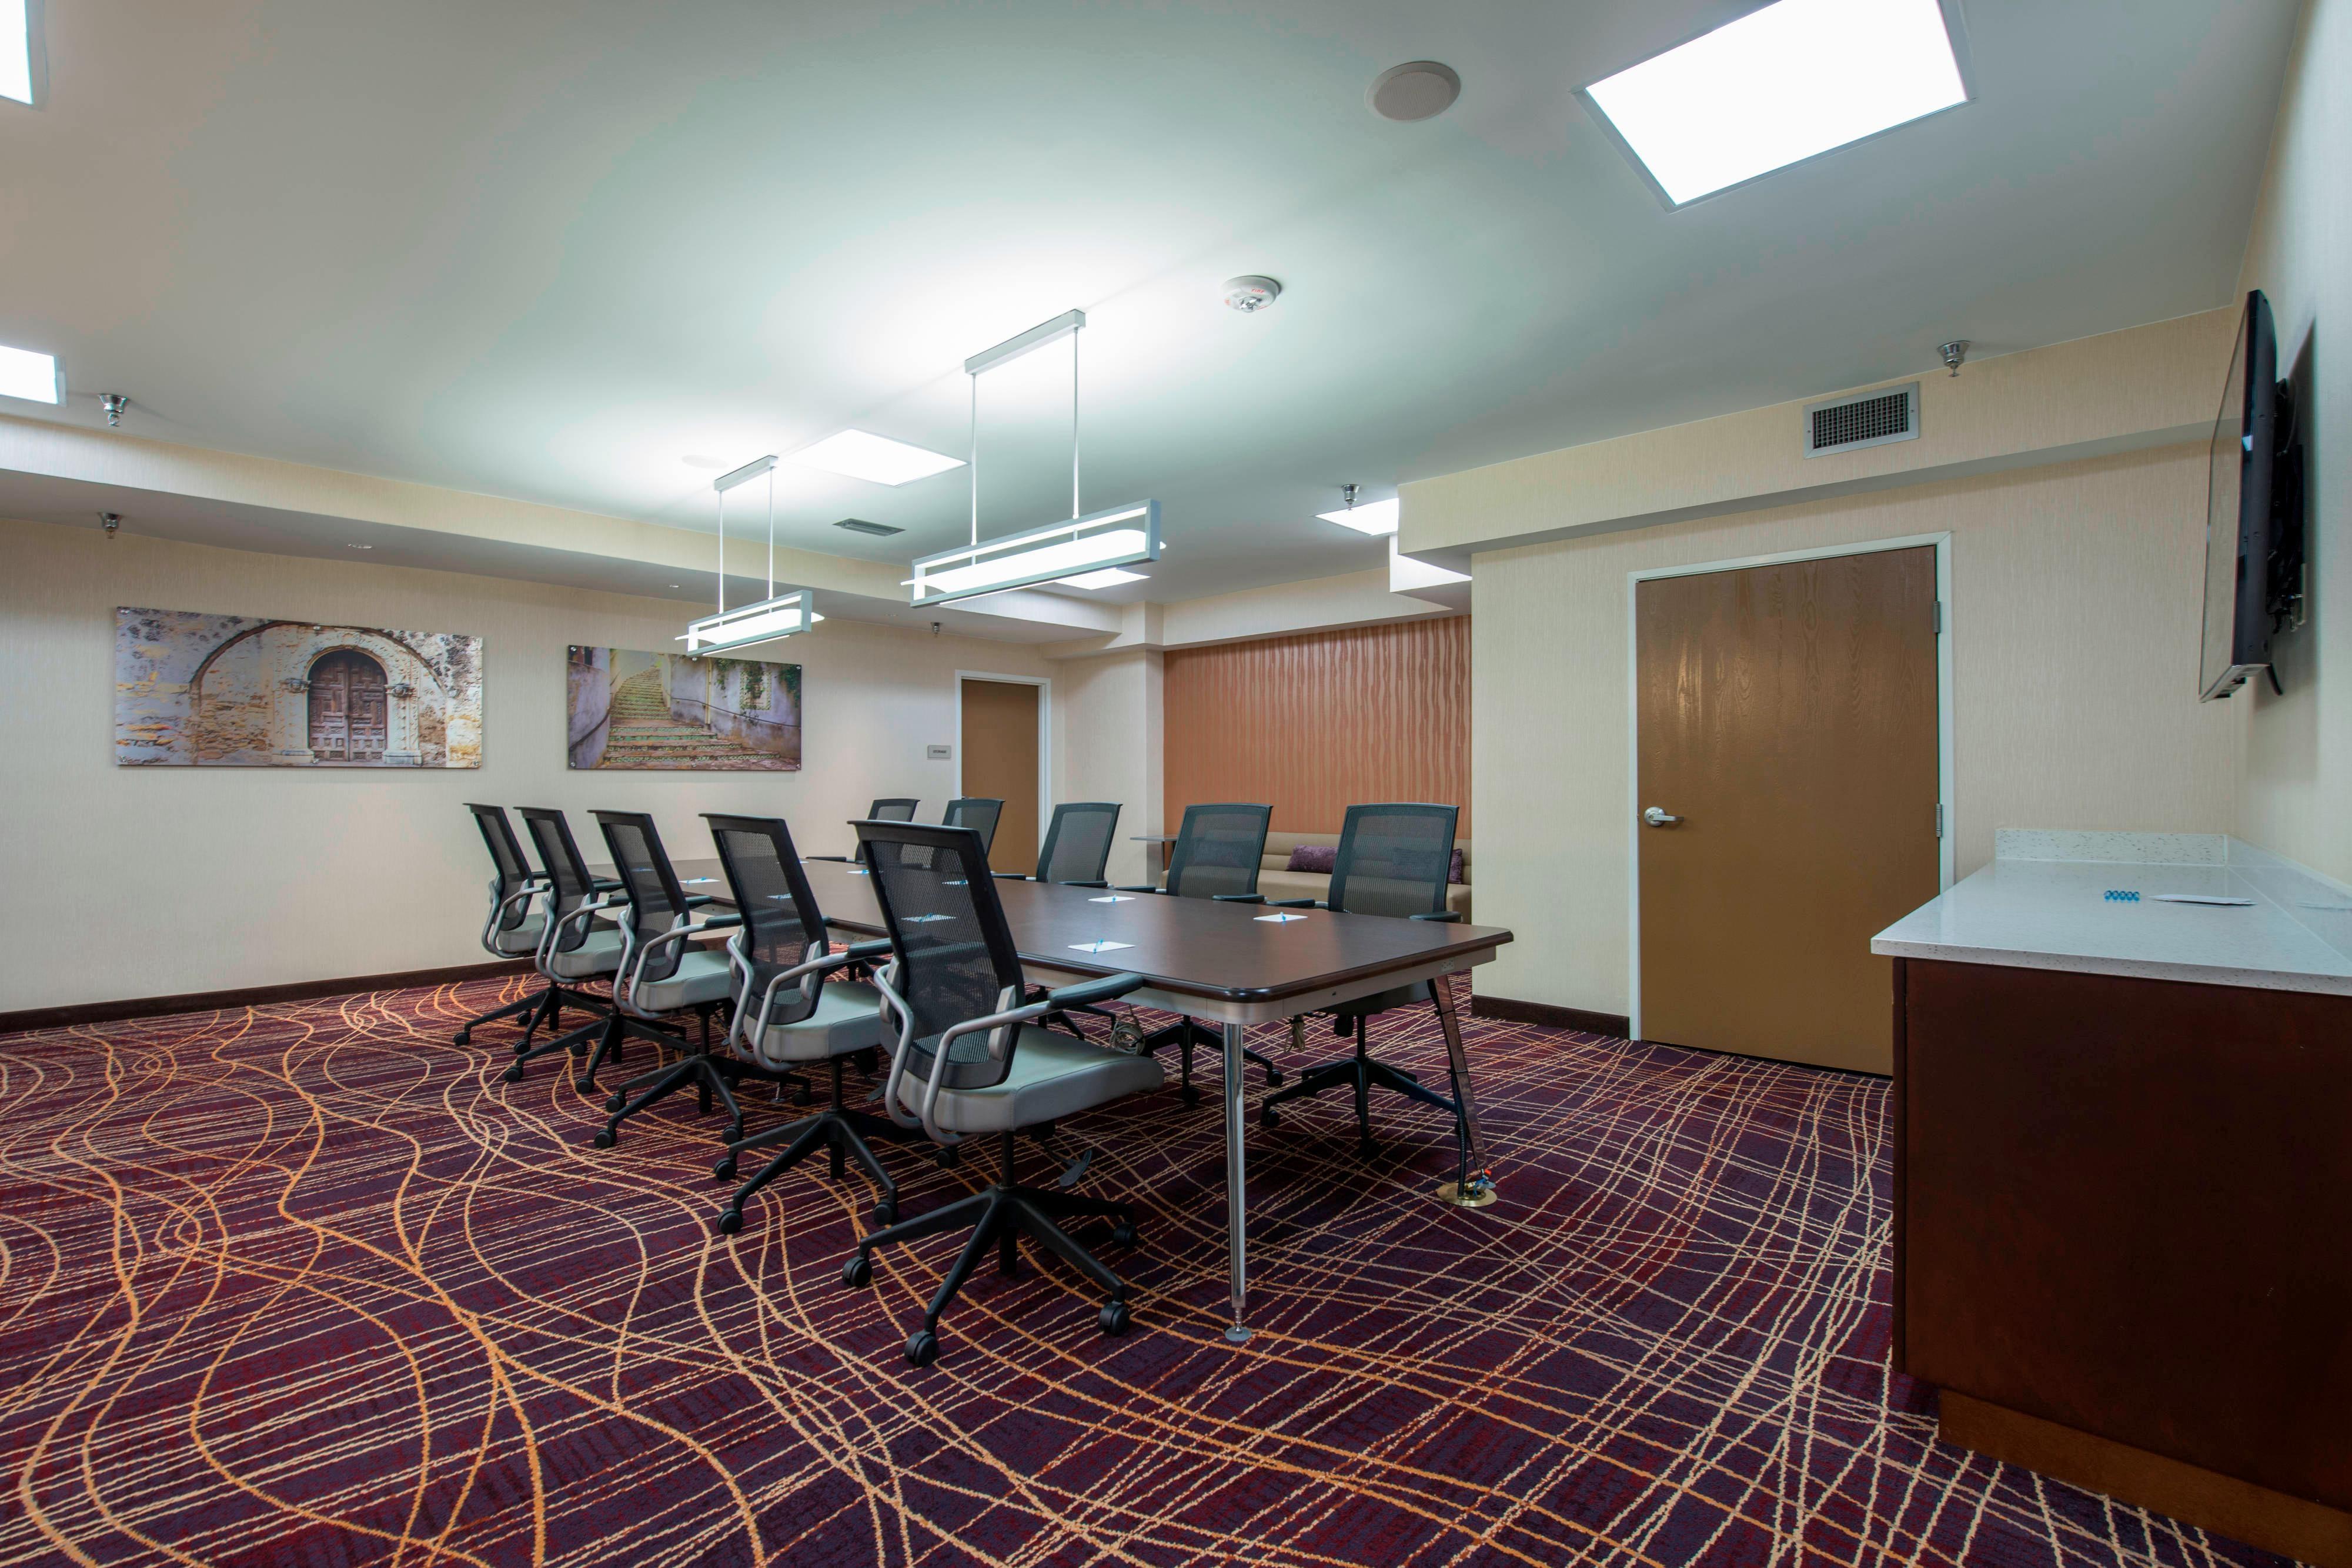 Instalaciones para reuniones en San Antonio, Texas